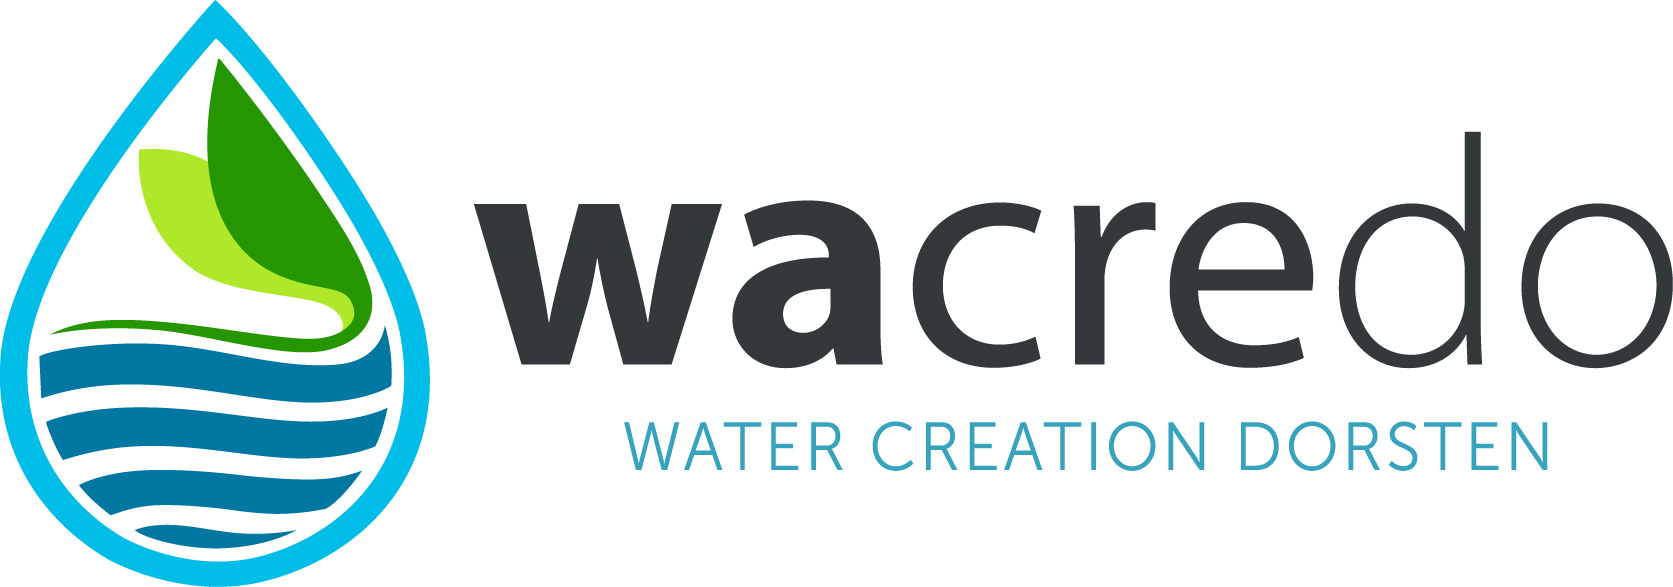 wacredo